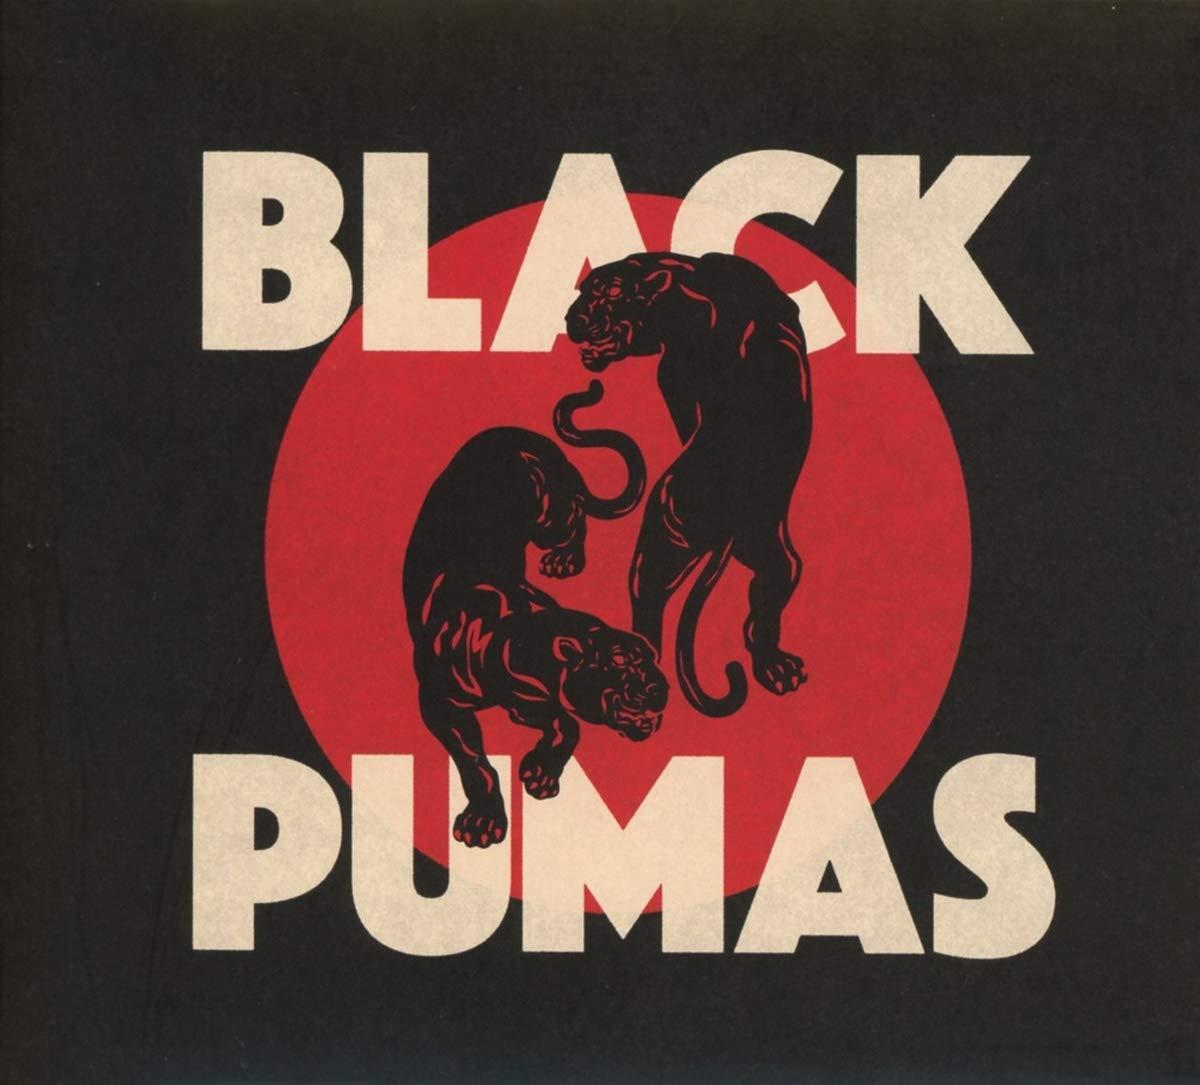 Black_Pumas